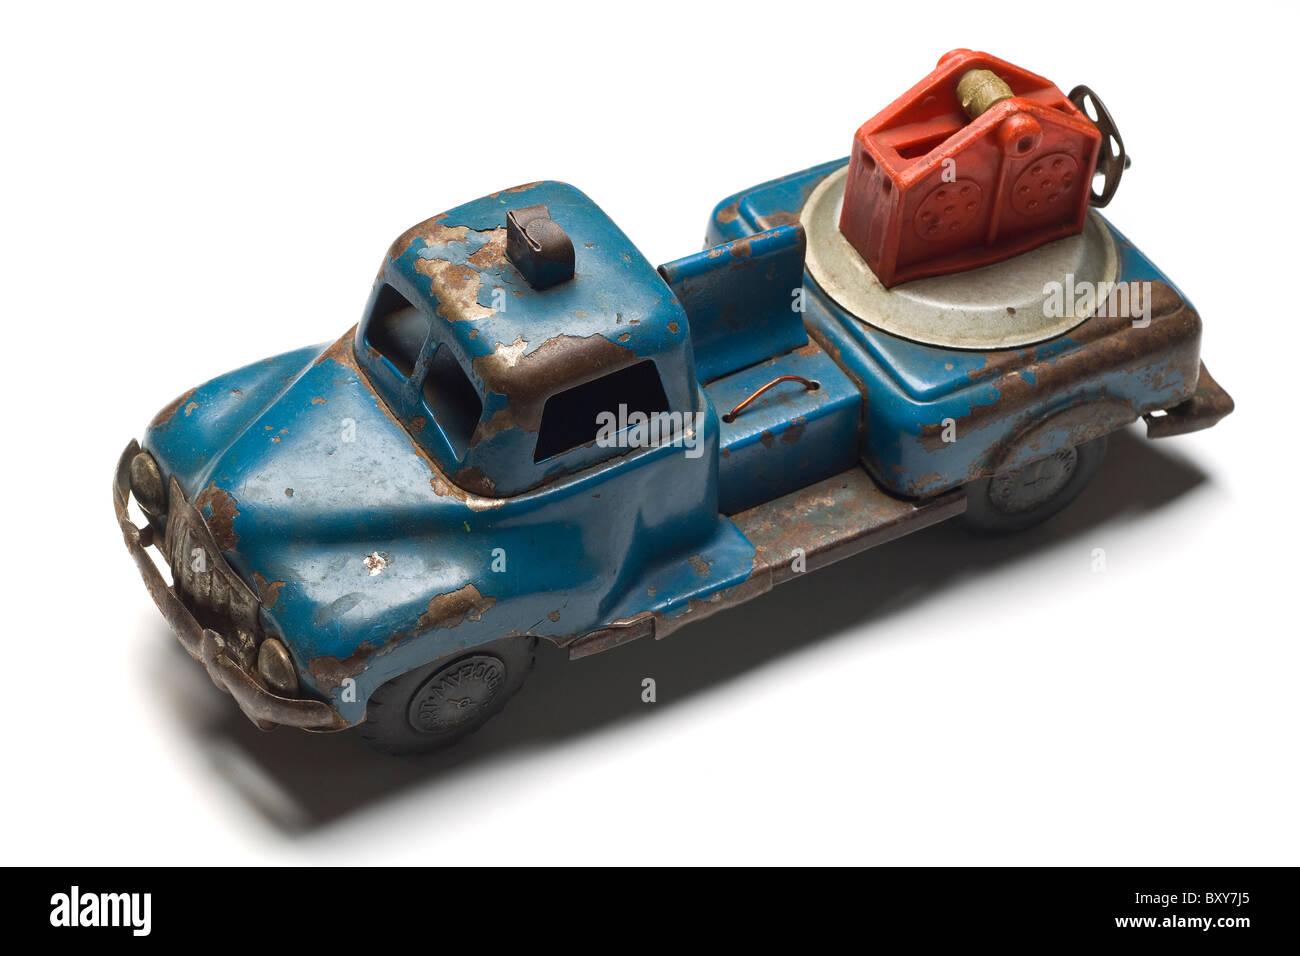 eine alte rostige Spielzeug Abschleppwagen auf weiß Stockbild